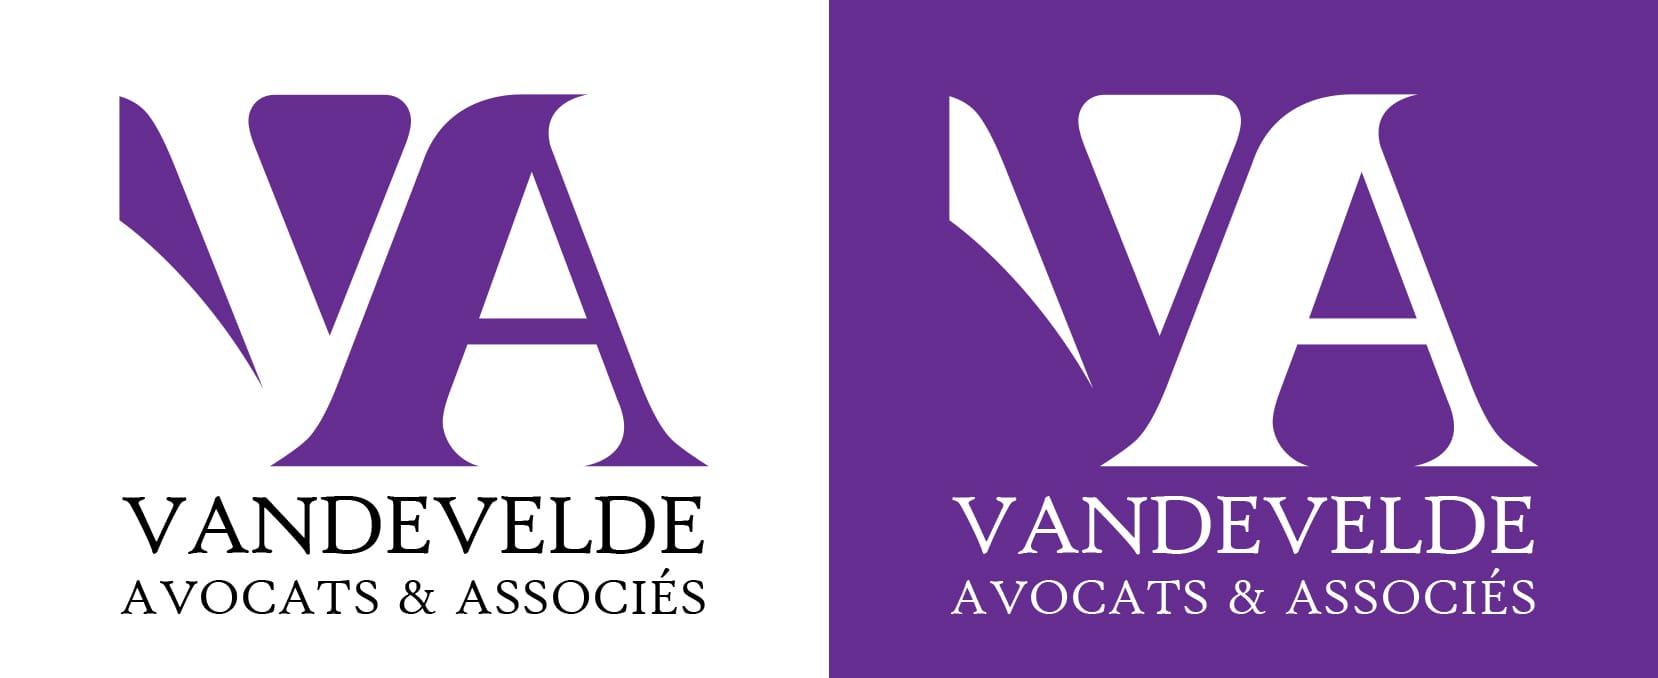 vandevelde_logos